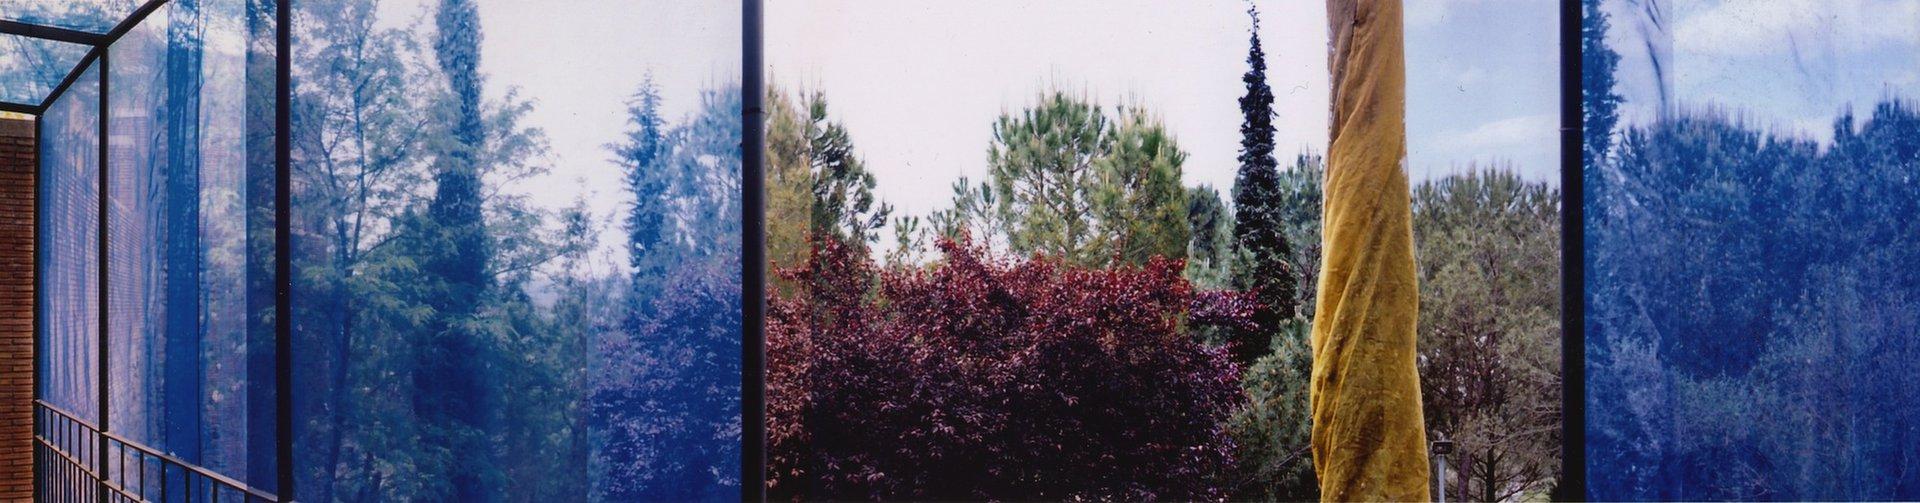 013-+Girona+Temps+de+flors.jpeg